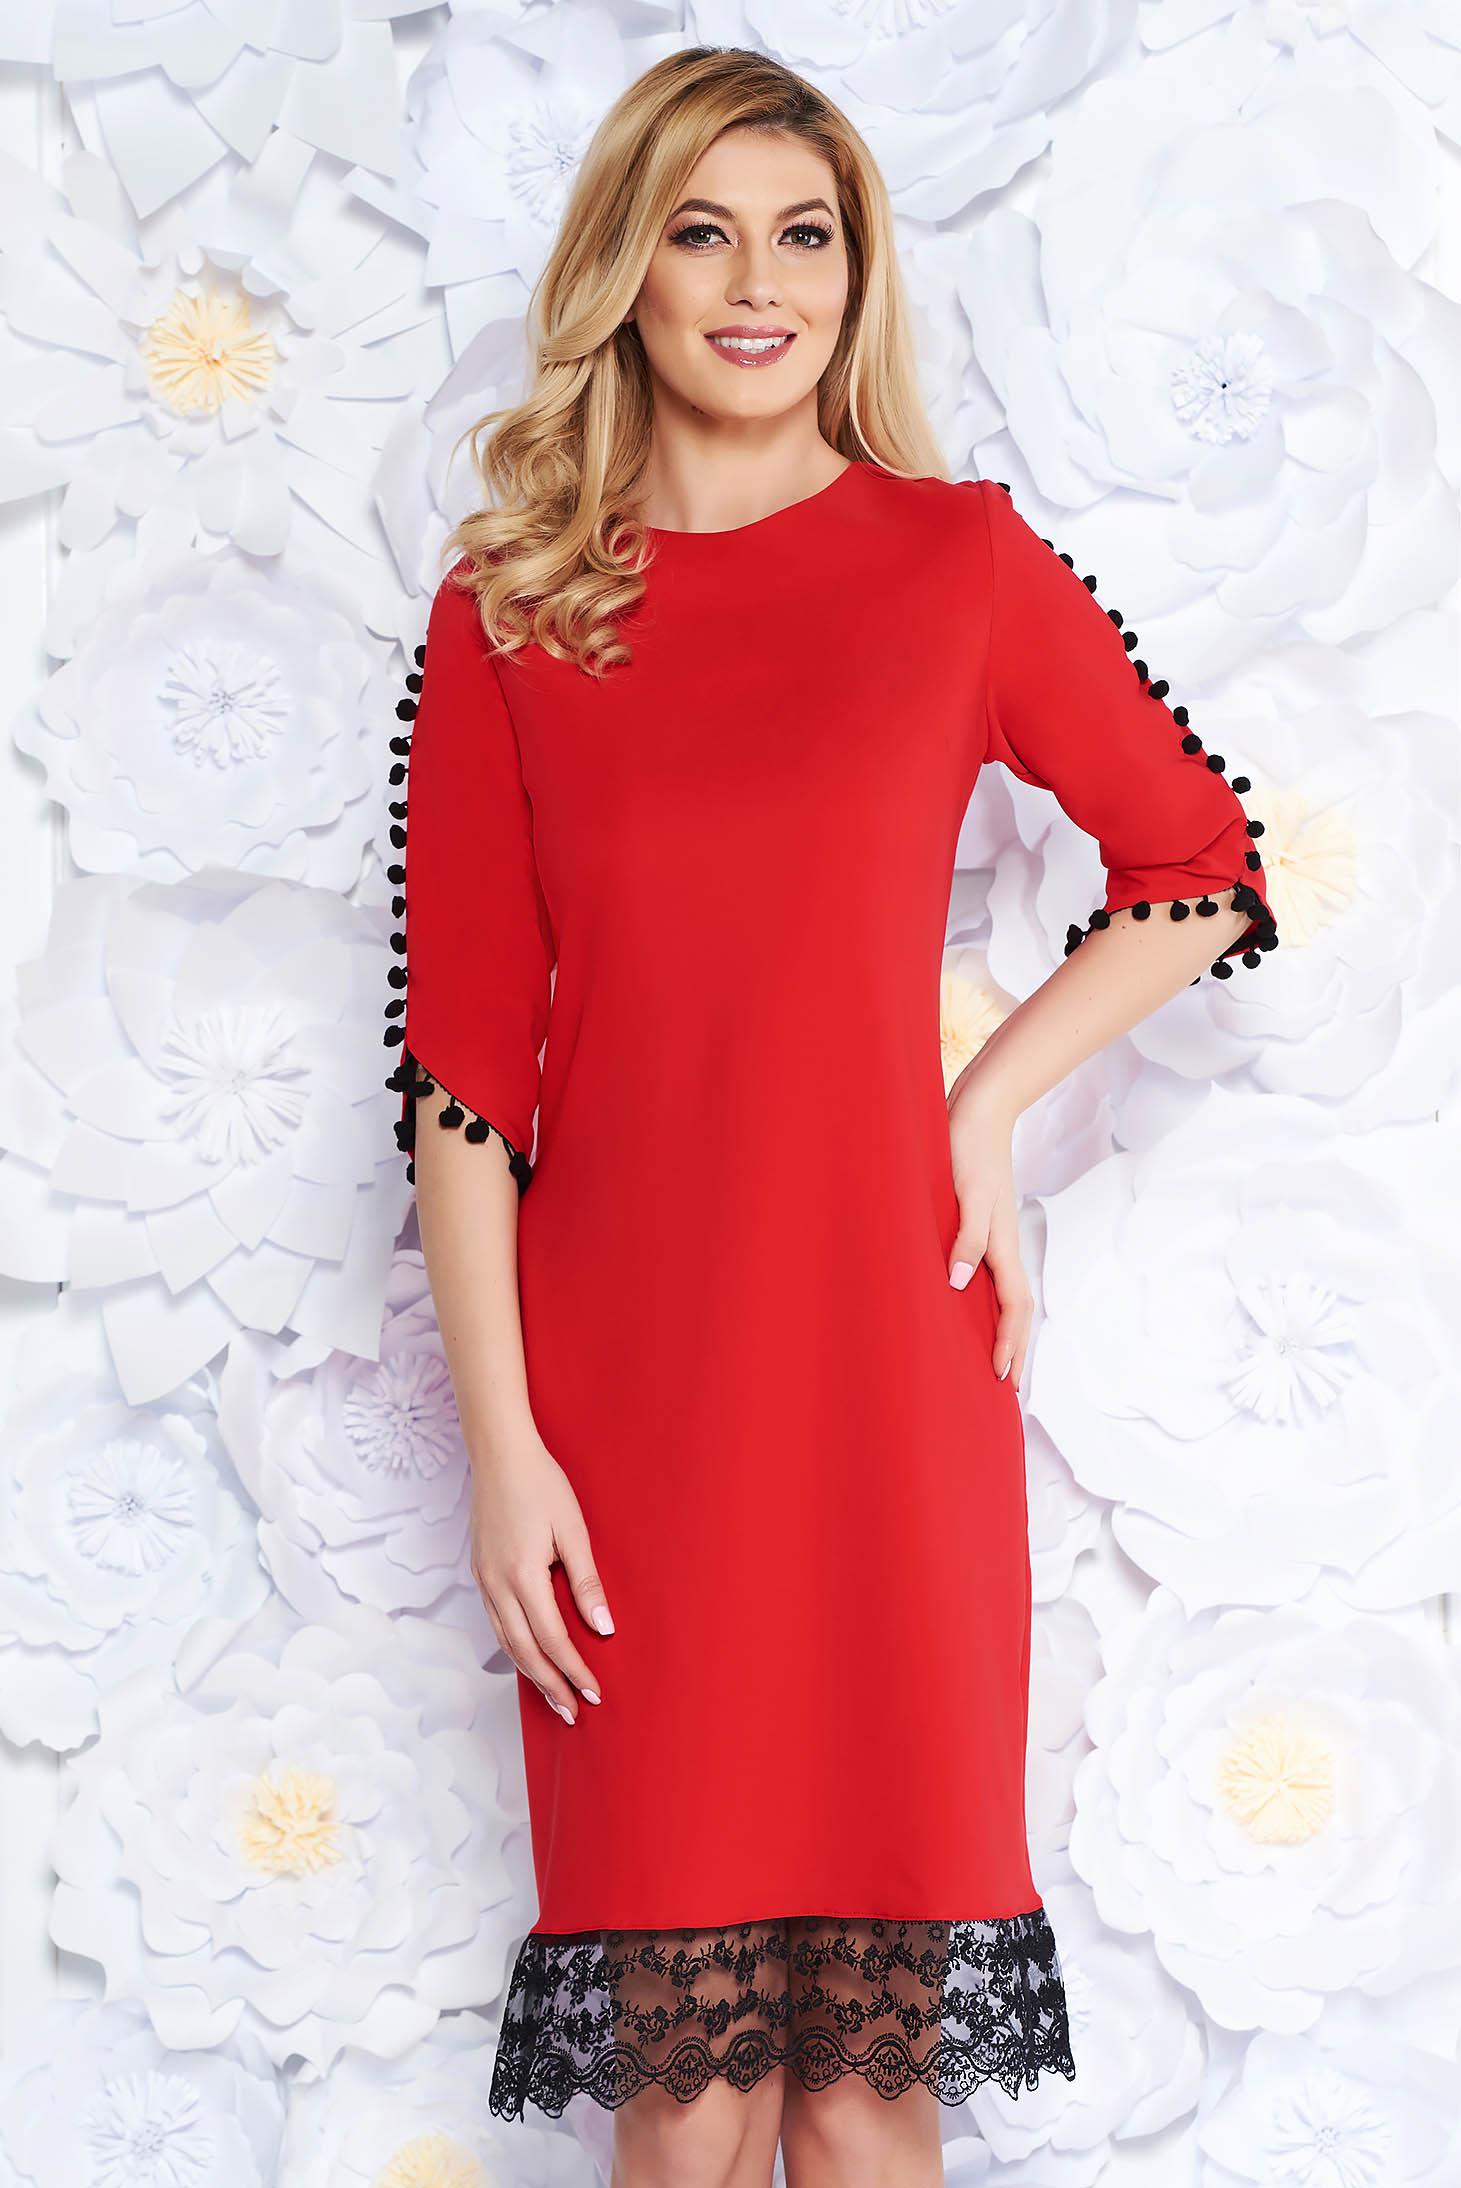 Piros elegáns egyenes ruha enyhén rugalmas anyag csipke díszítéssel bojtos